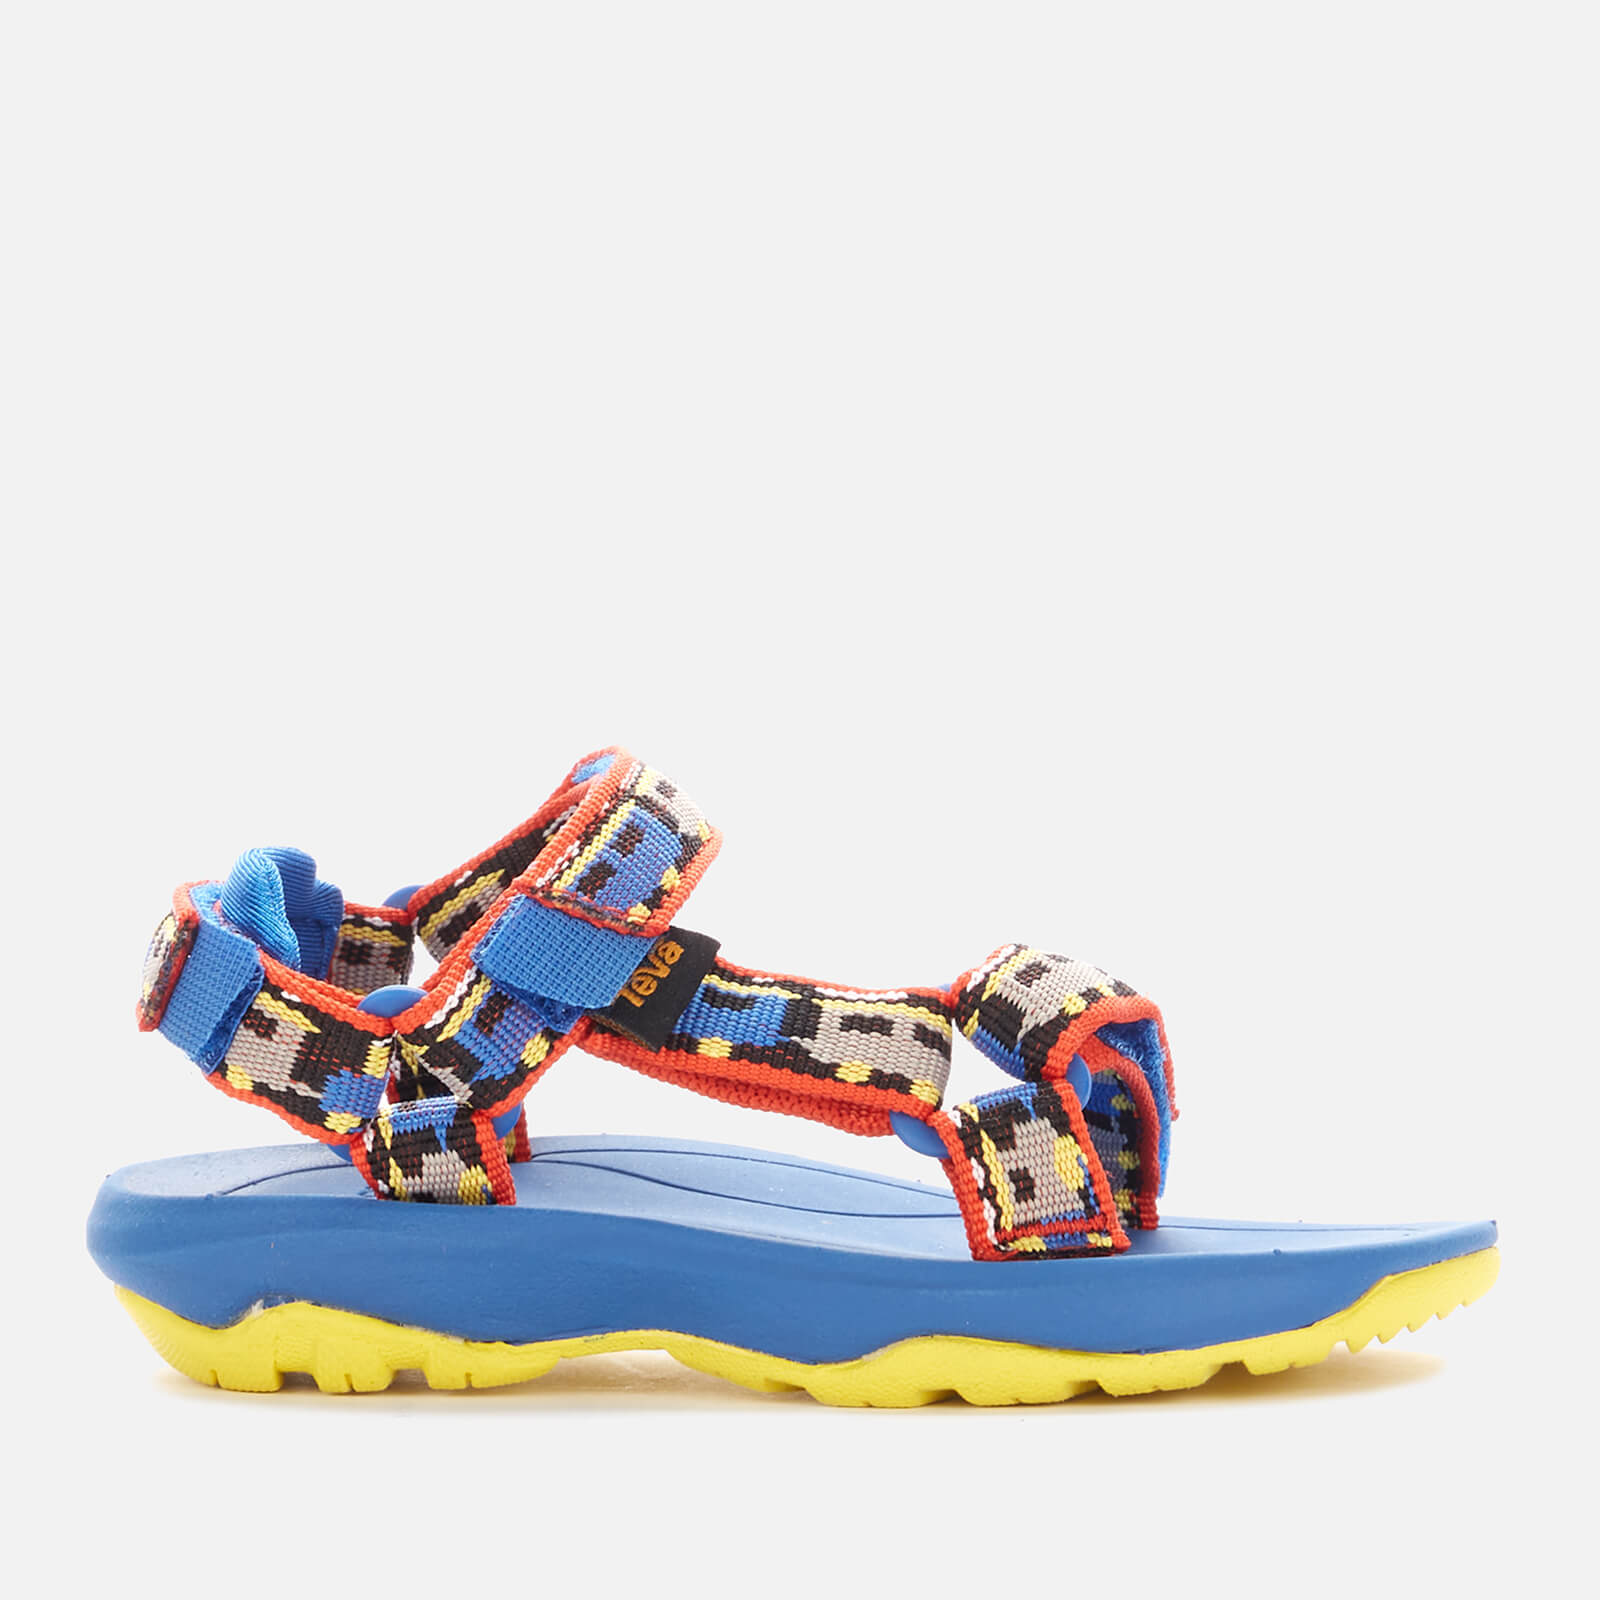 Teva Toddler's Hurricane XLT2 Sandals - Trains Blue - UK 4 Toddler